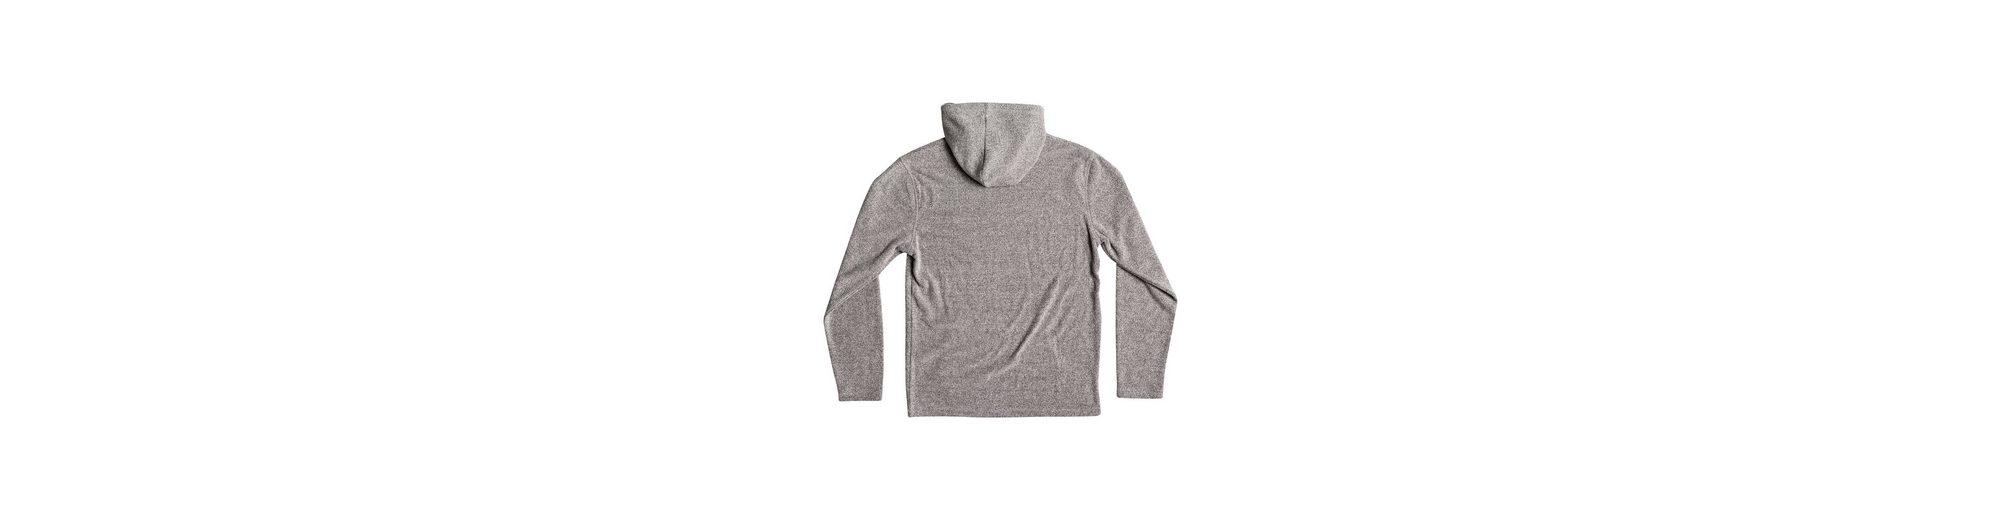 Zum Verkauf 2018 Billig Verkauf Ebay Quiksilver Superweicher Zip-Hoodie After Surf Bulk-Design Billig Verkauf Vorbestellung PD40bqNEyp